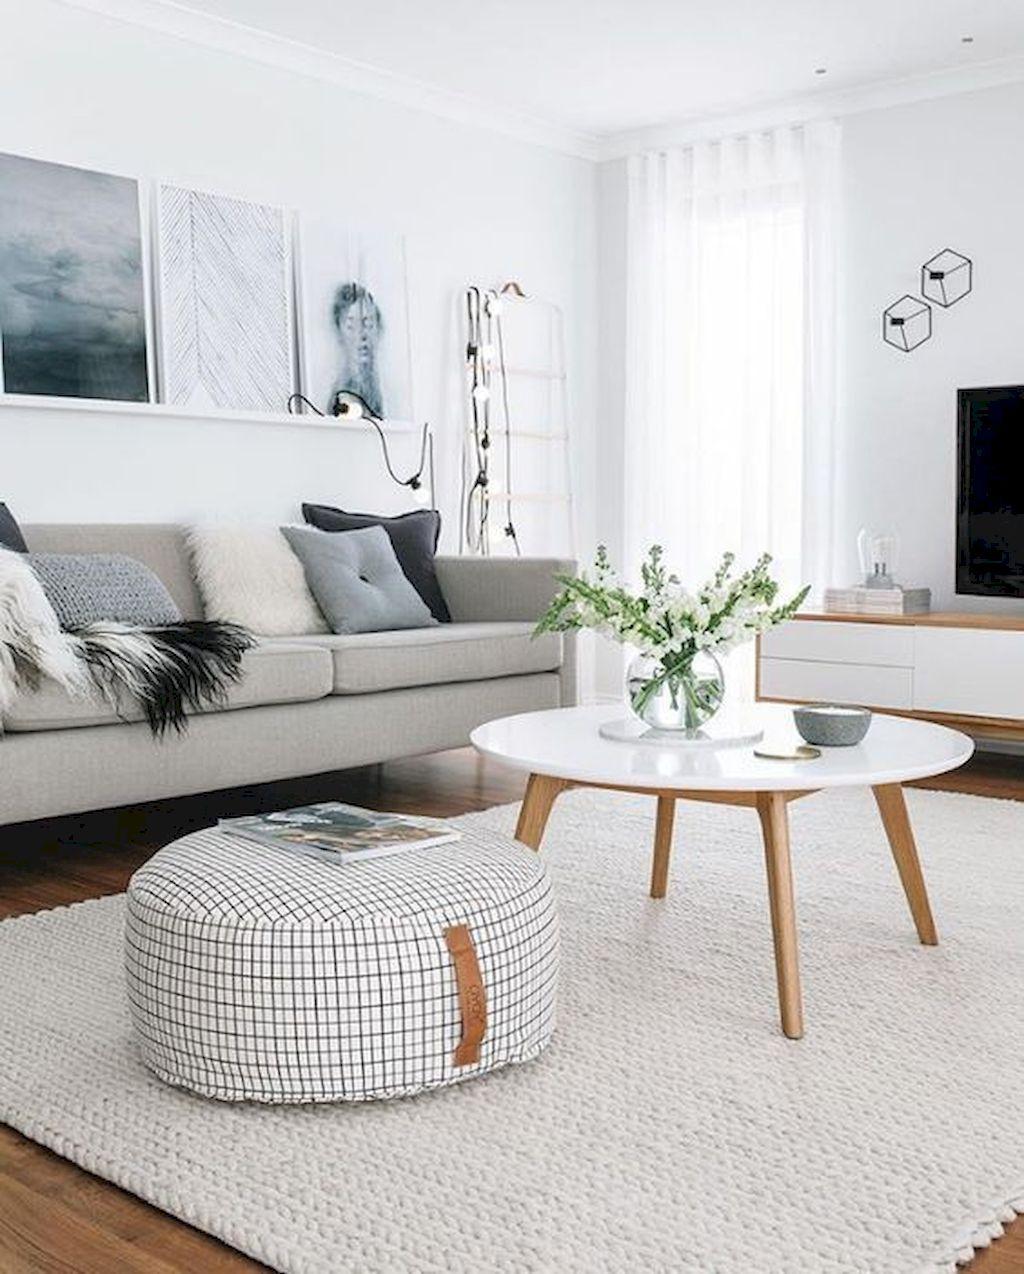 65 Mid Century Modern Living Room Decor Ideas Espacios Hogar Y  # Muebles Roles Mesillas